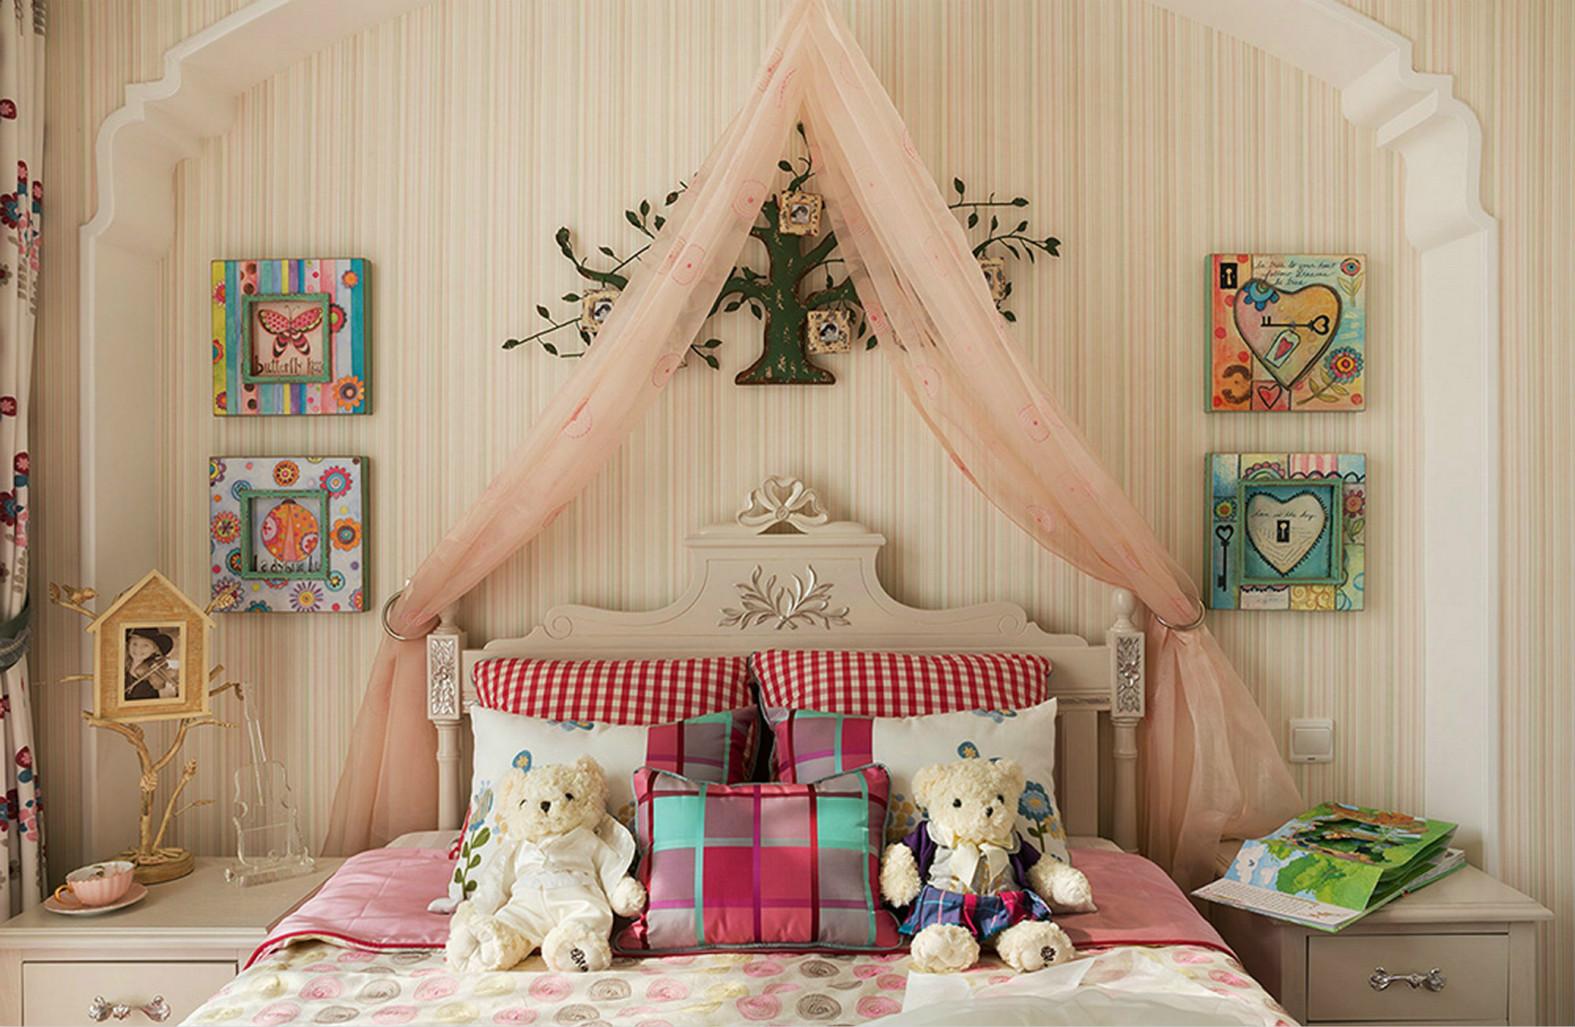 儿童房床头背景可爱的挂画装饰,提亮了整个空间的阳光以及温暖。